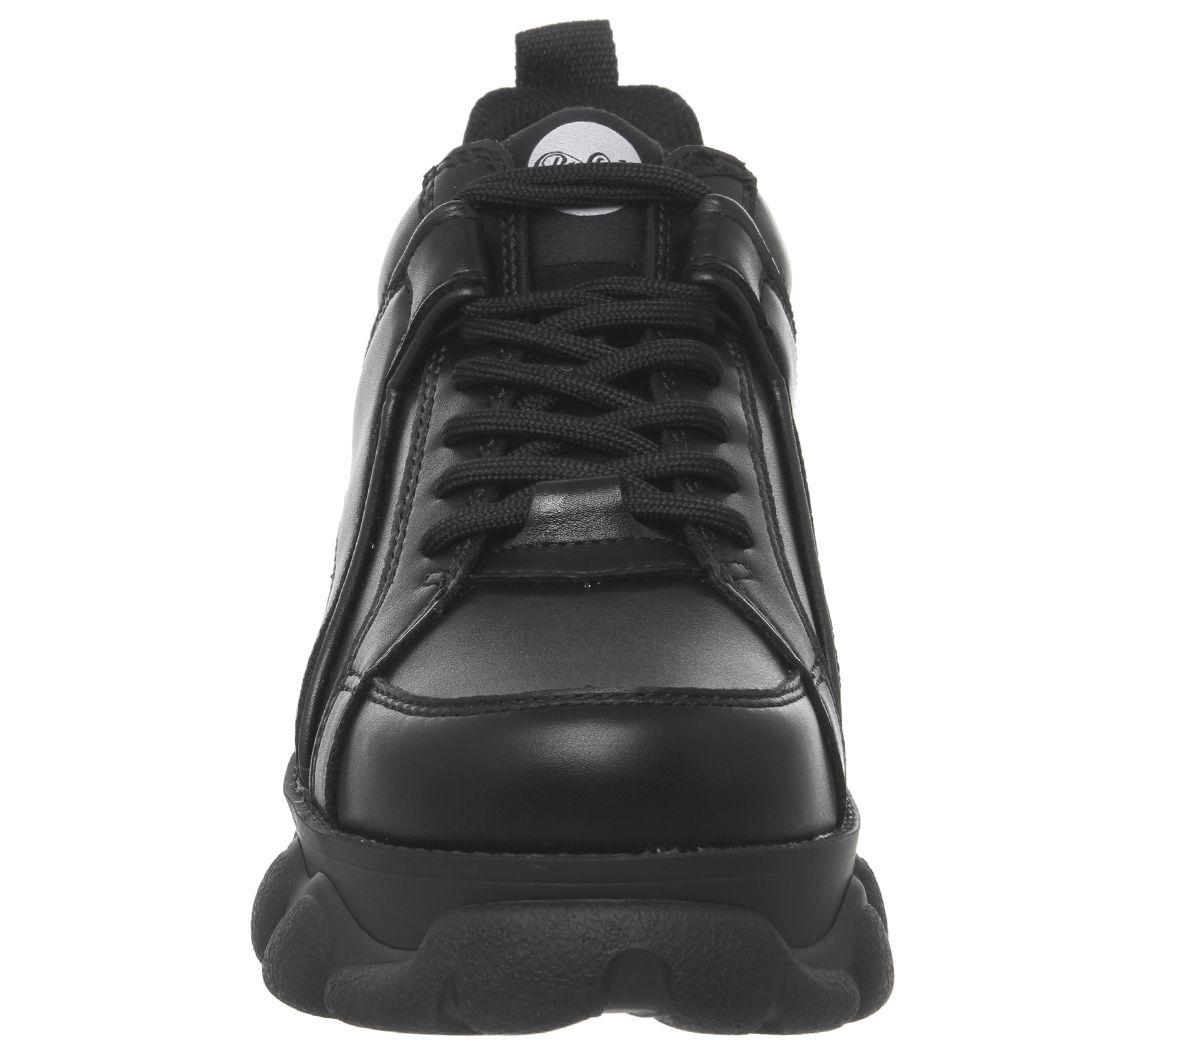 Womens Buffalo Corin Sneakers Black Trainers Shoes